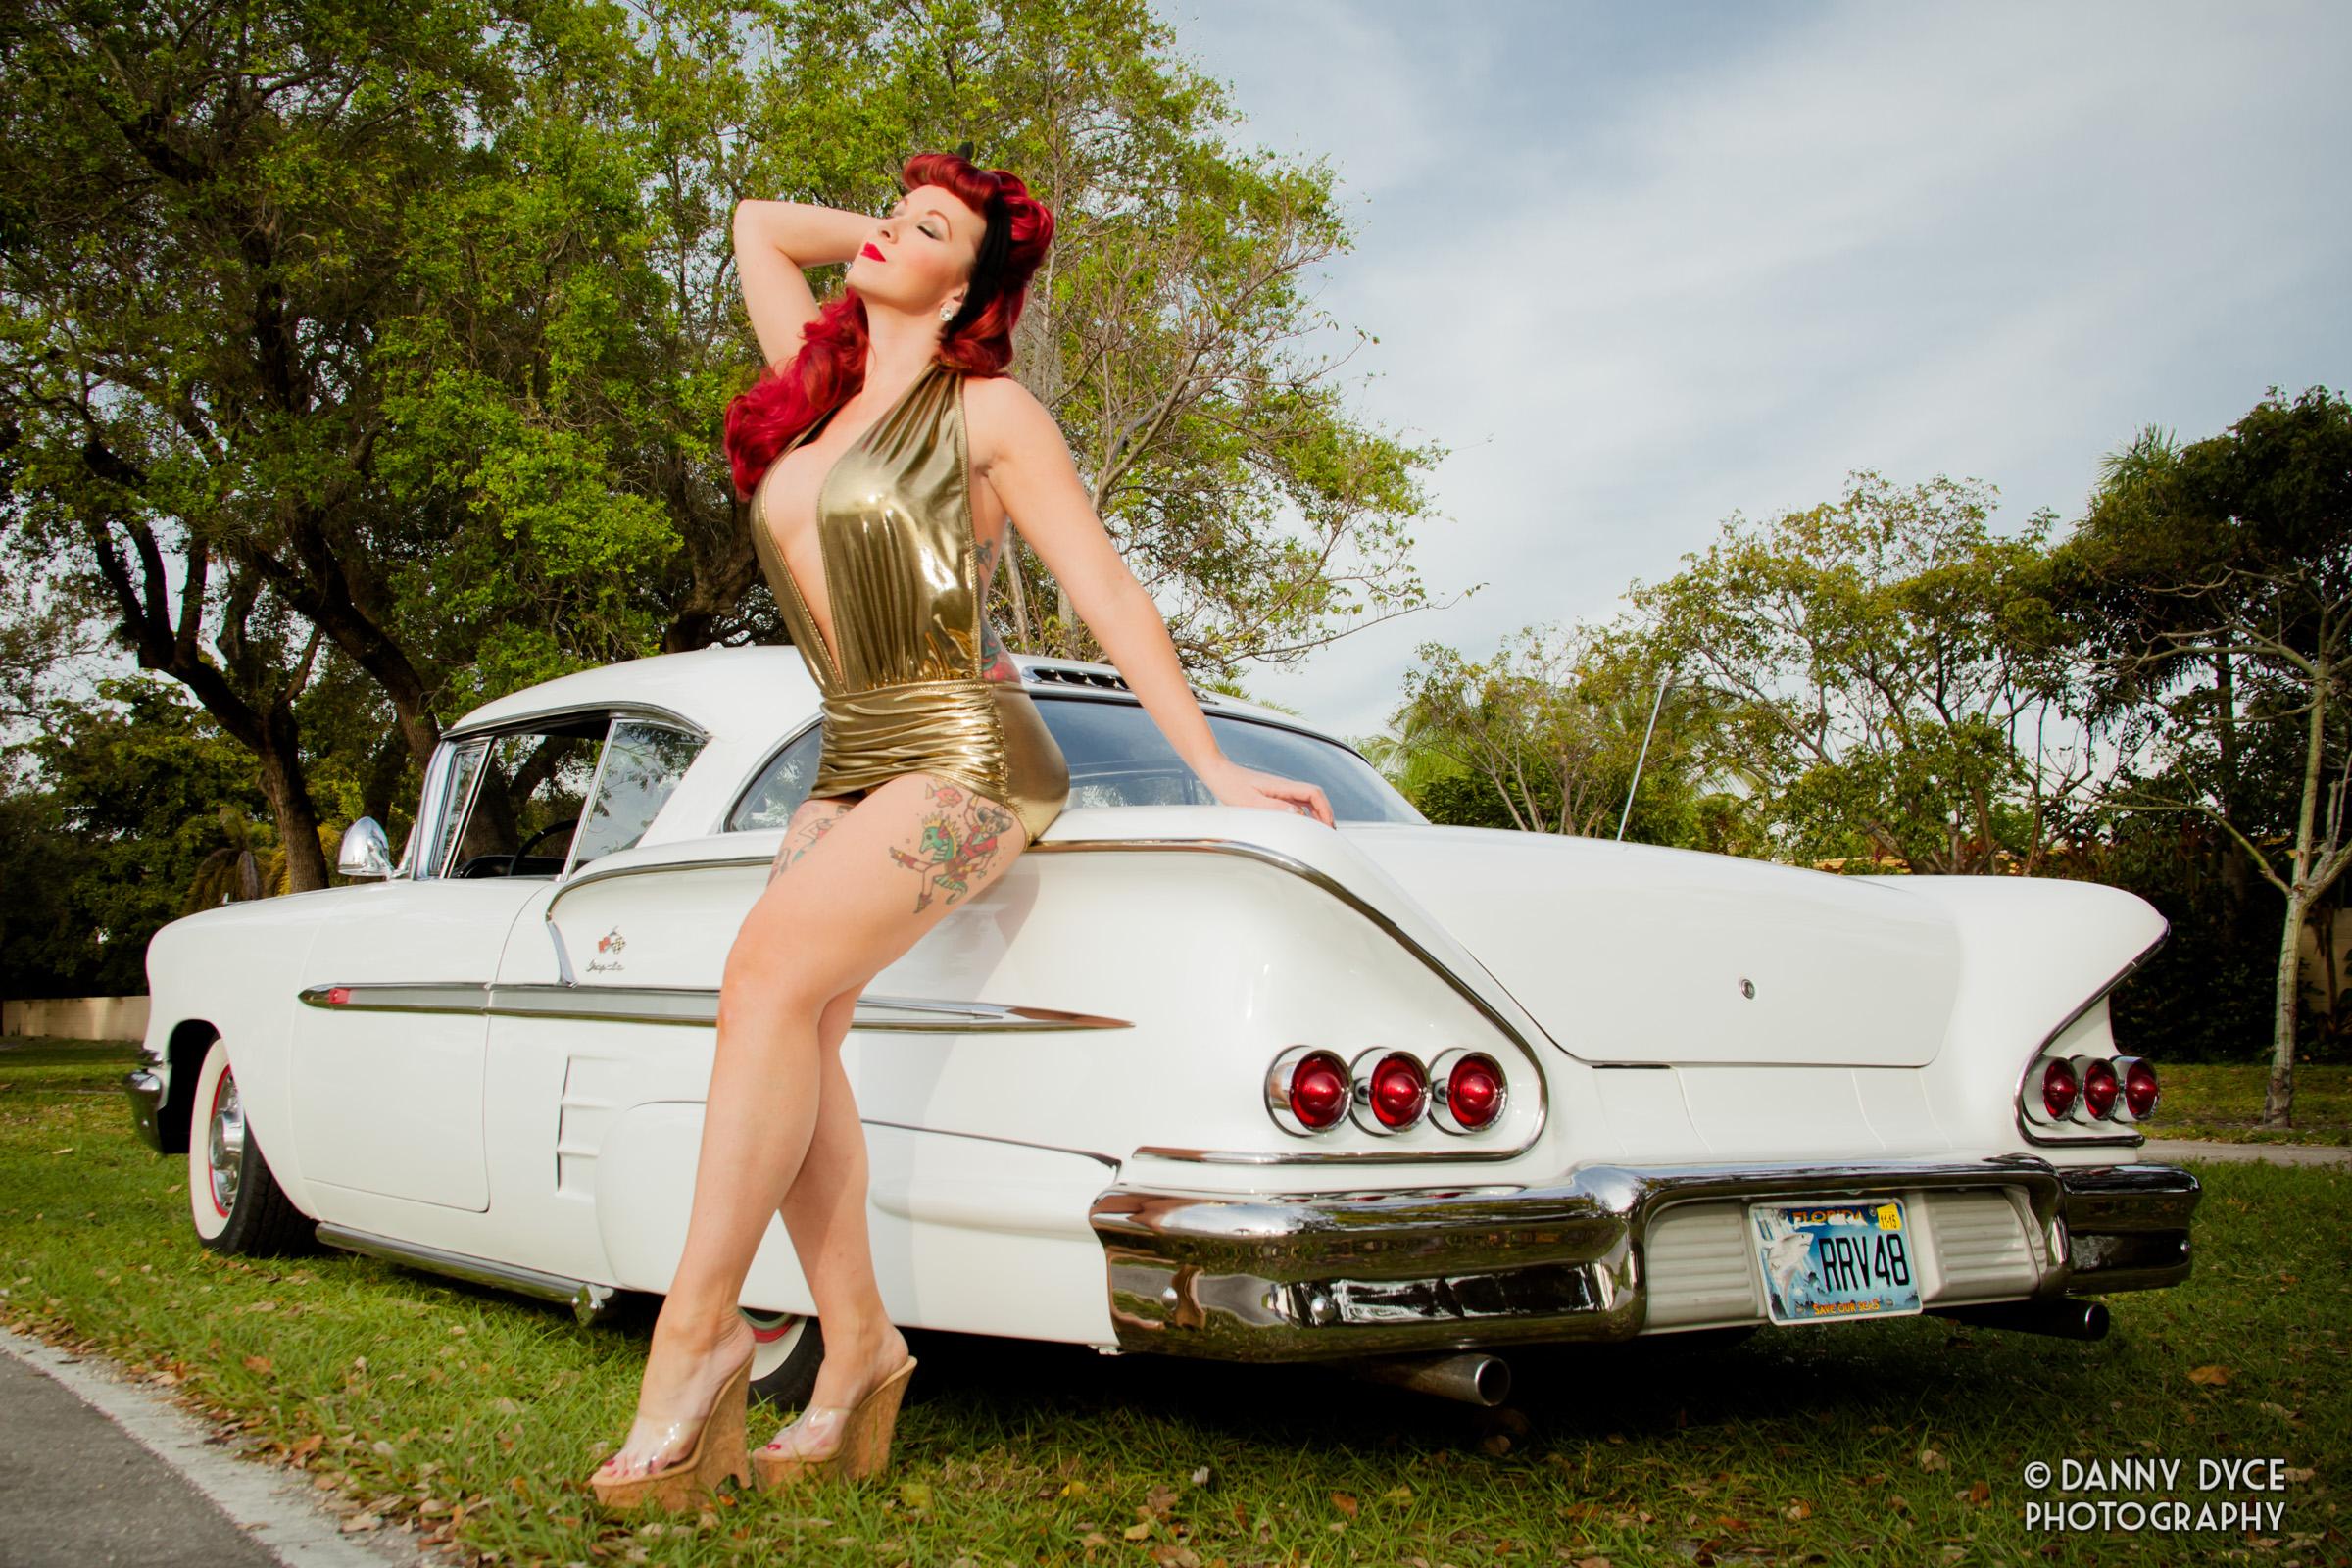 Impala_Dyce_5250.jpg